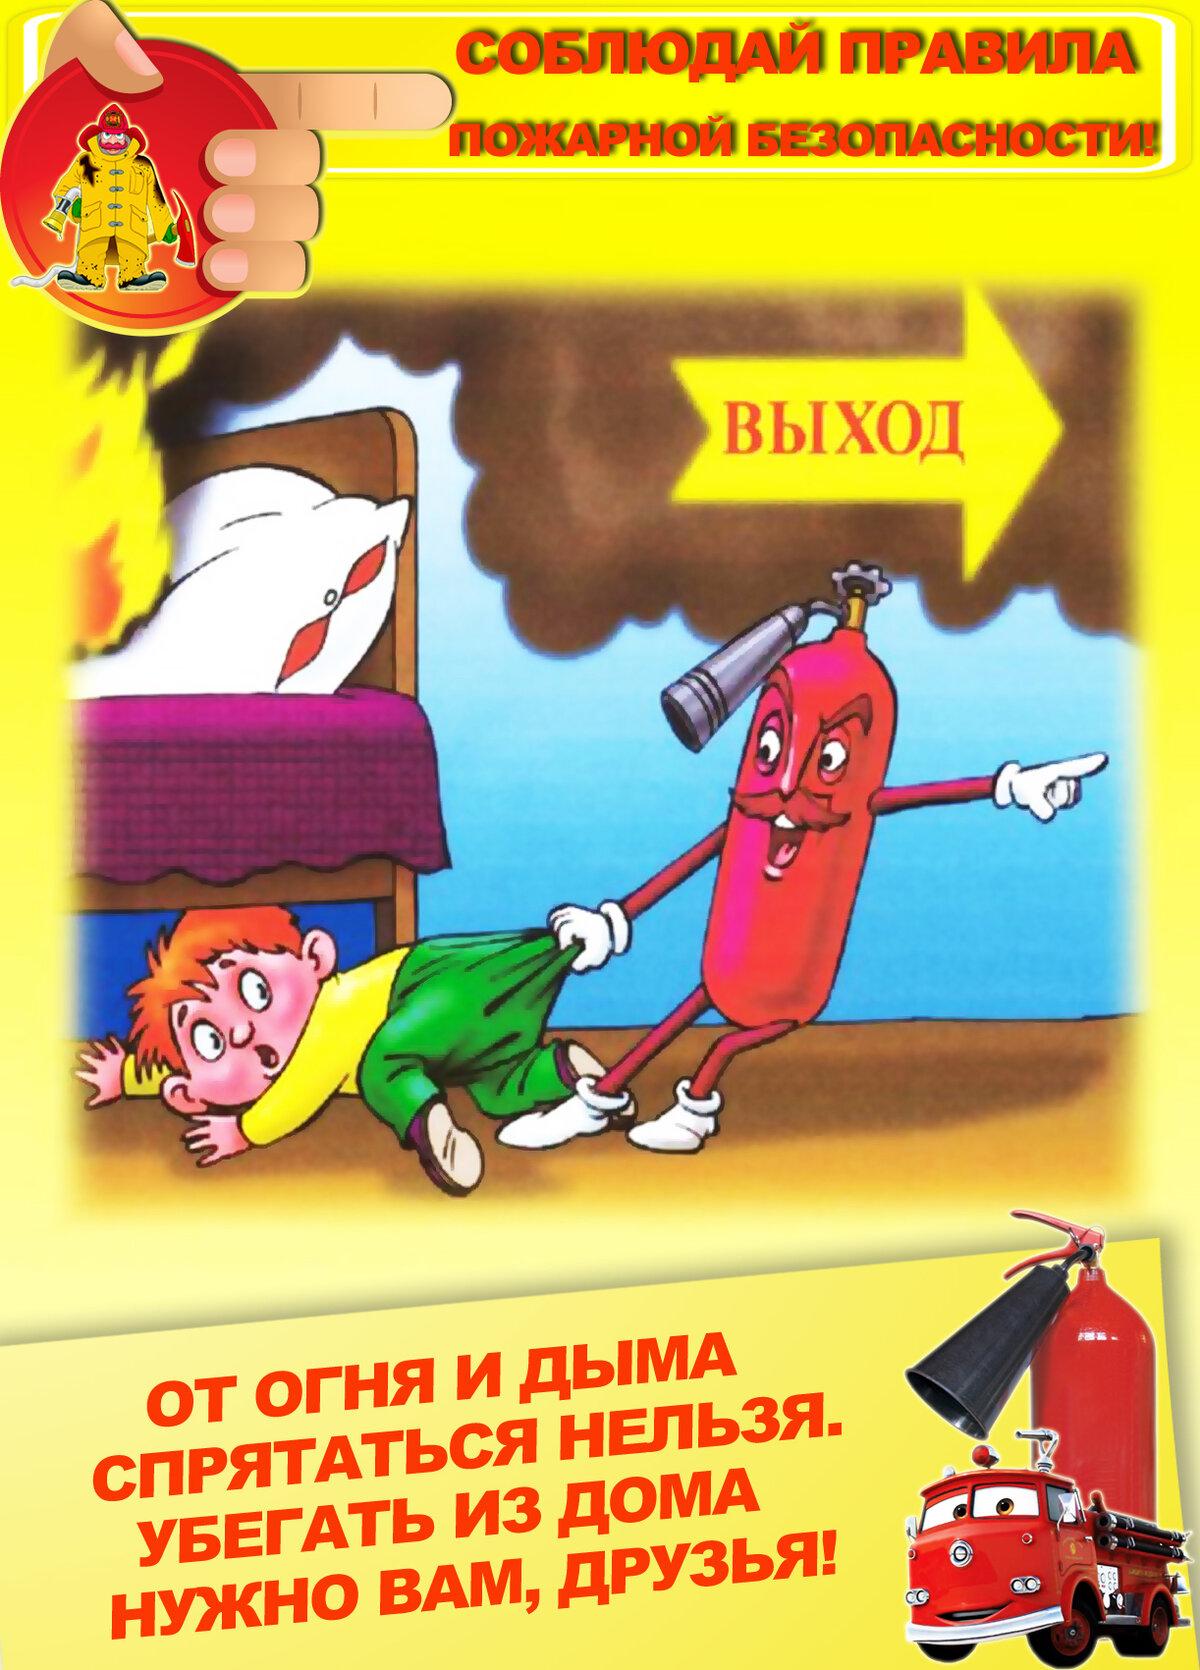 Картинки на тему пожарная безопасность для детей в школу, день недели